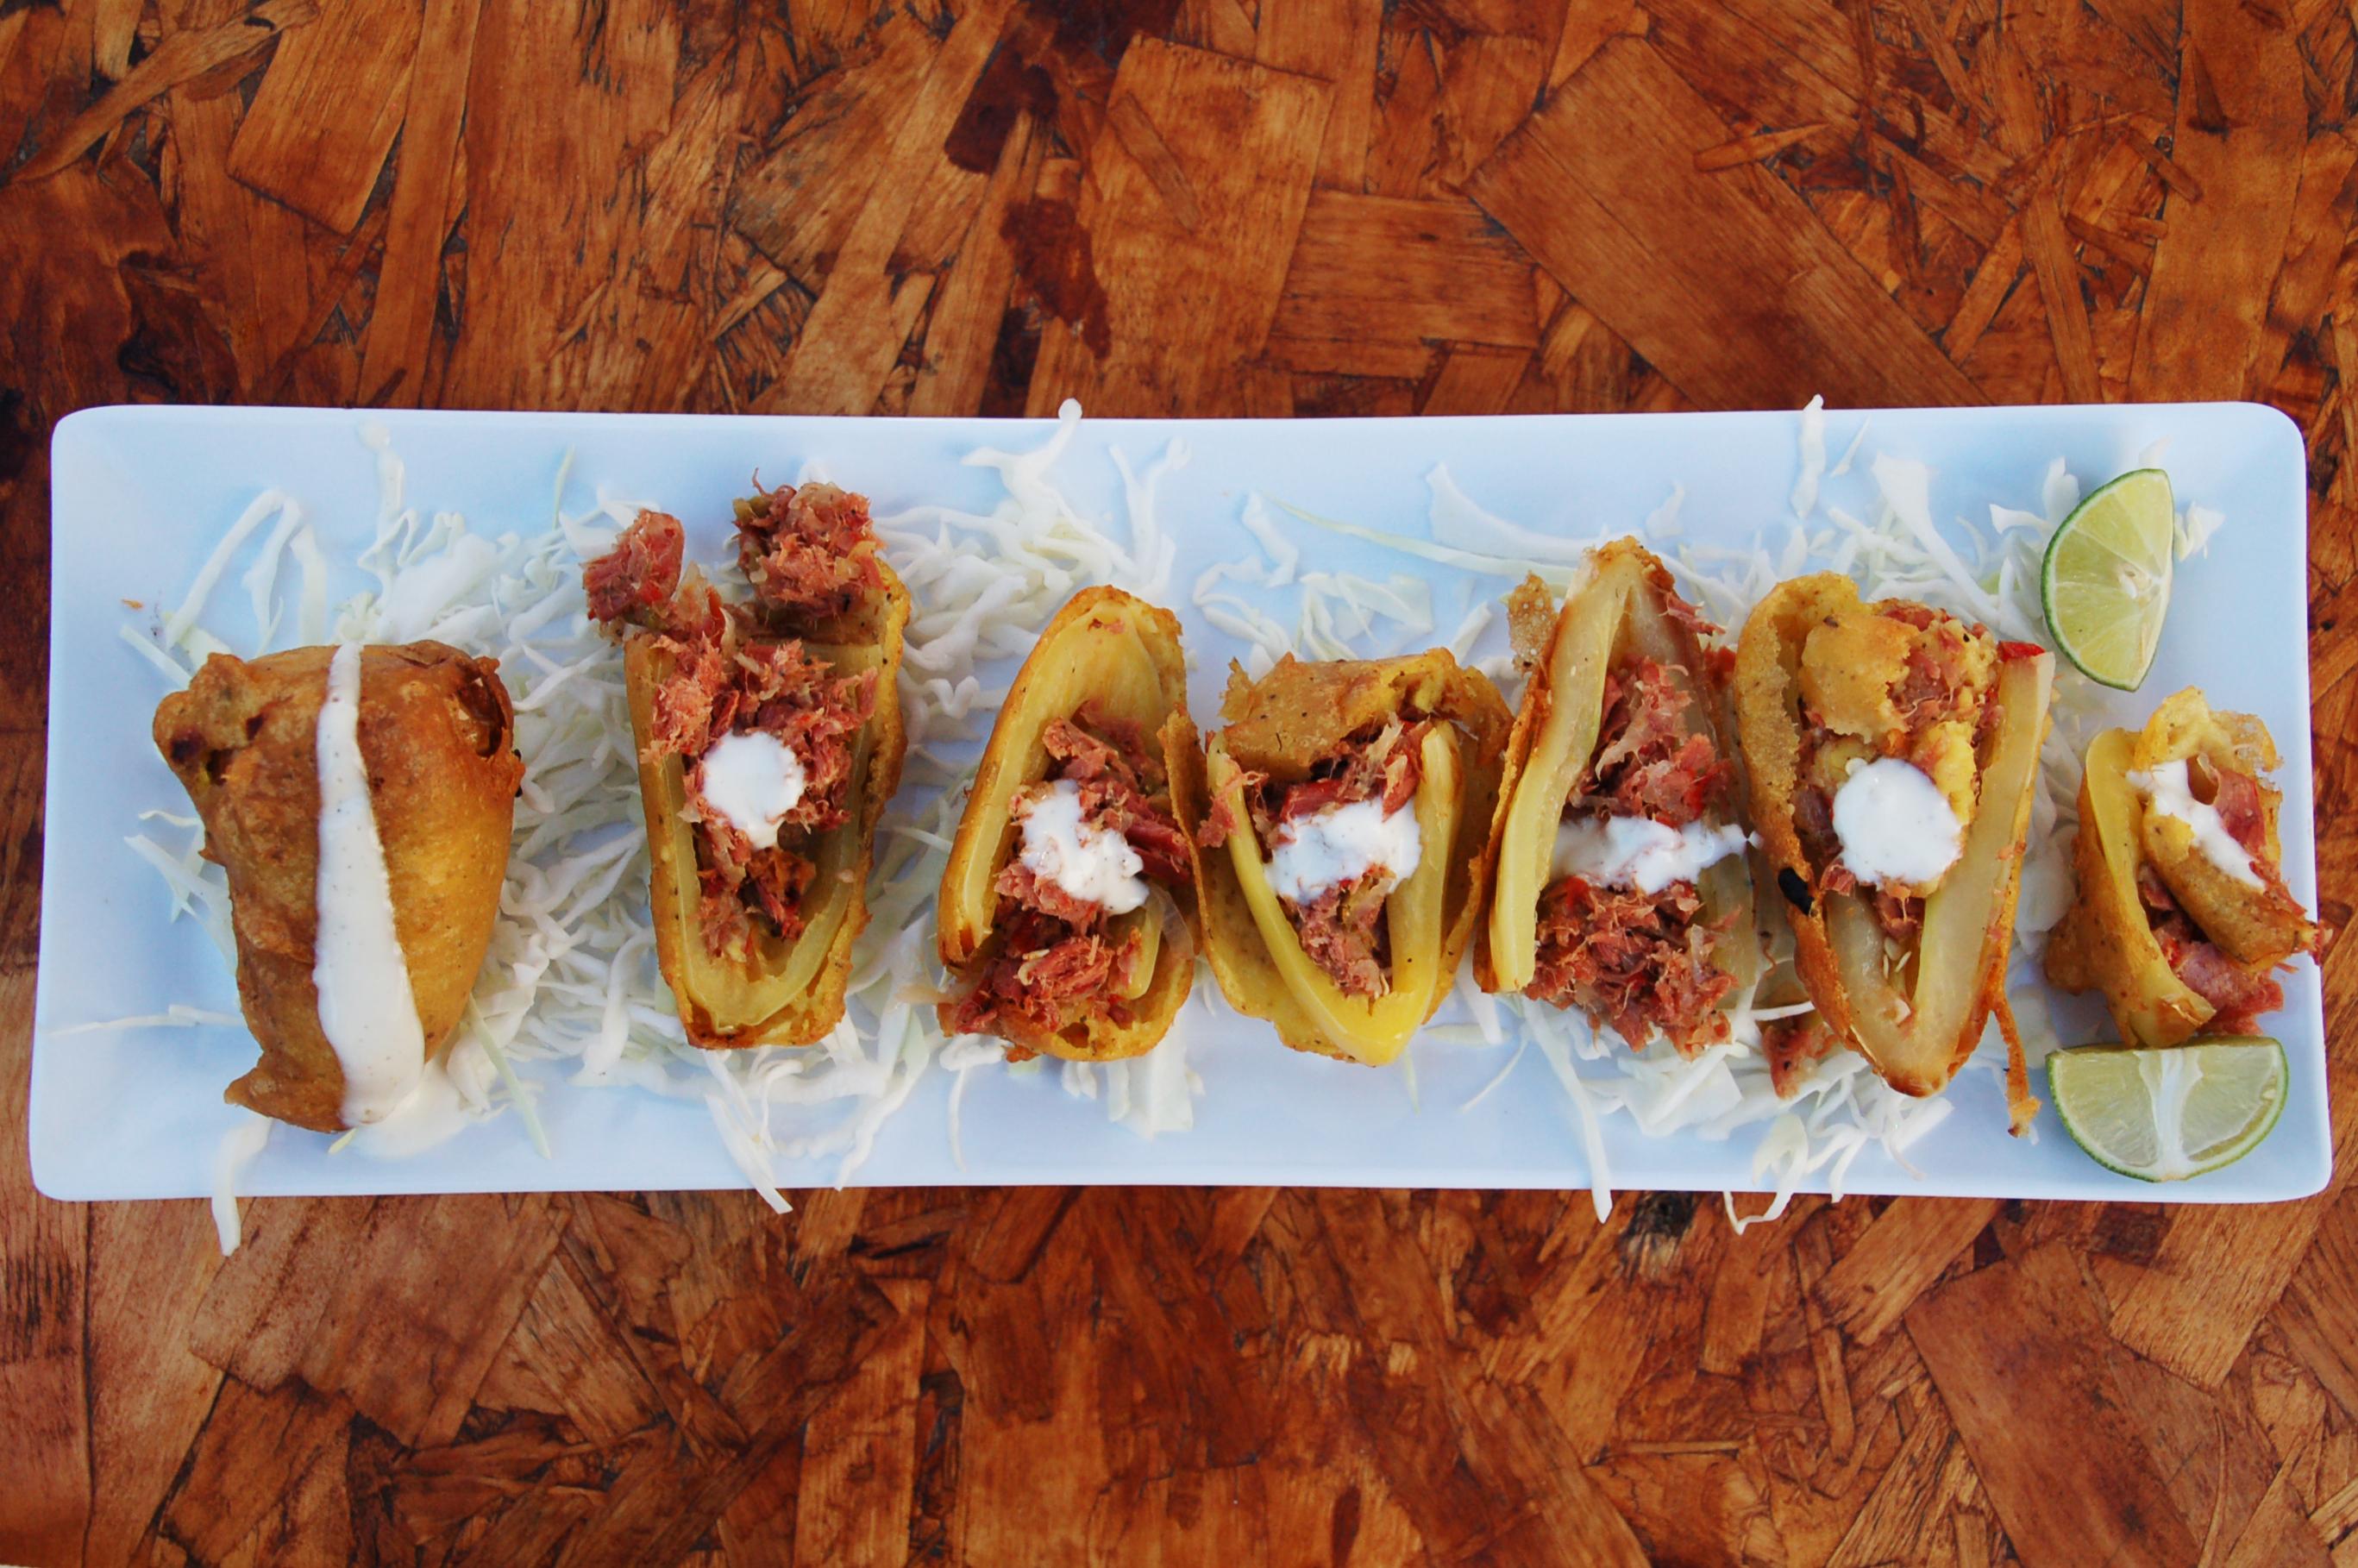 Smoked marlin stuffed chili gueros at Otto's Grill, Telefonica Gastro Park, Tijuana, Baja California, Mexico